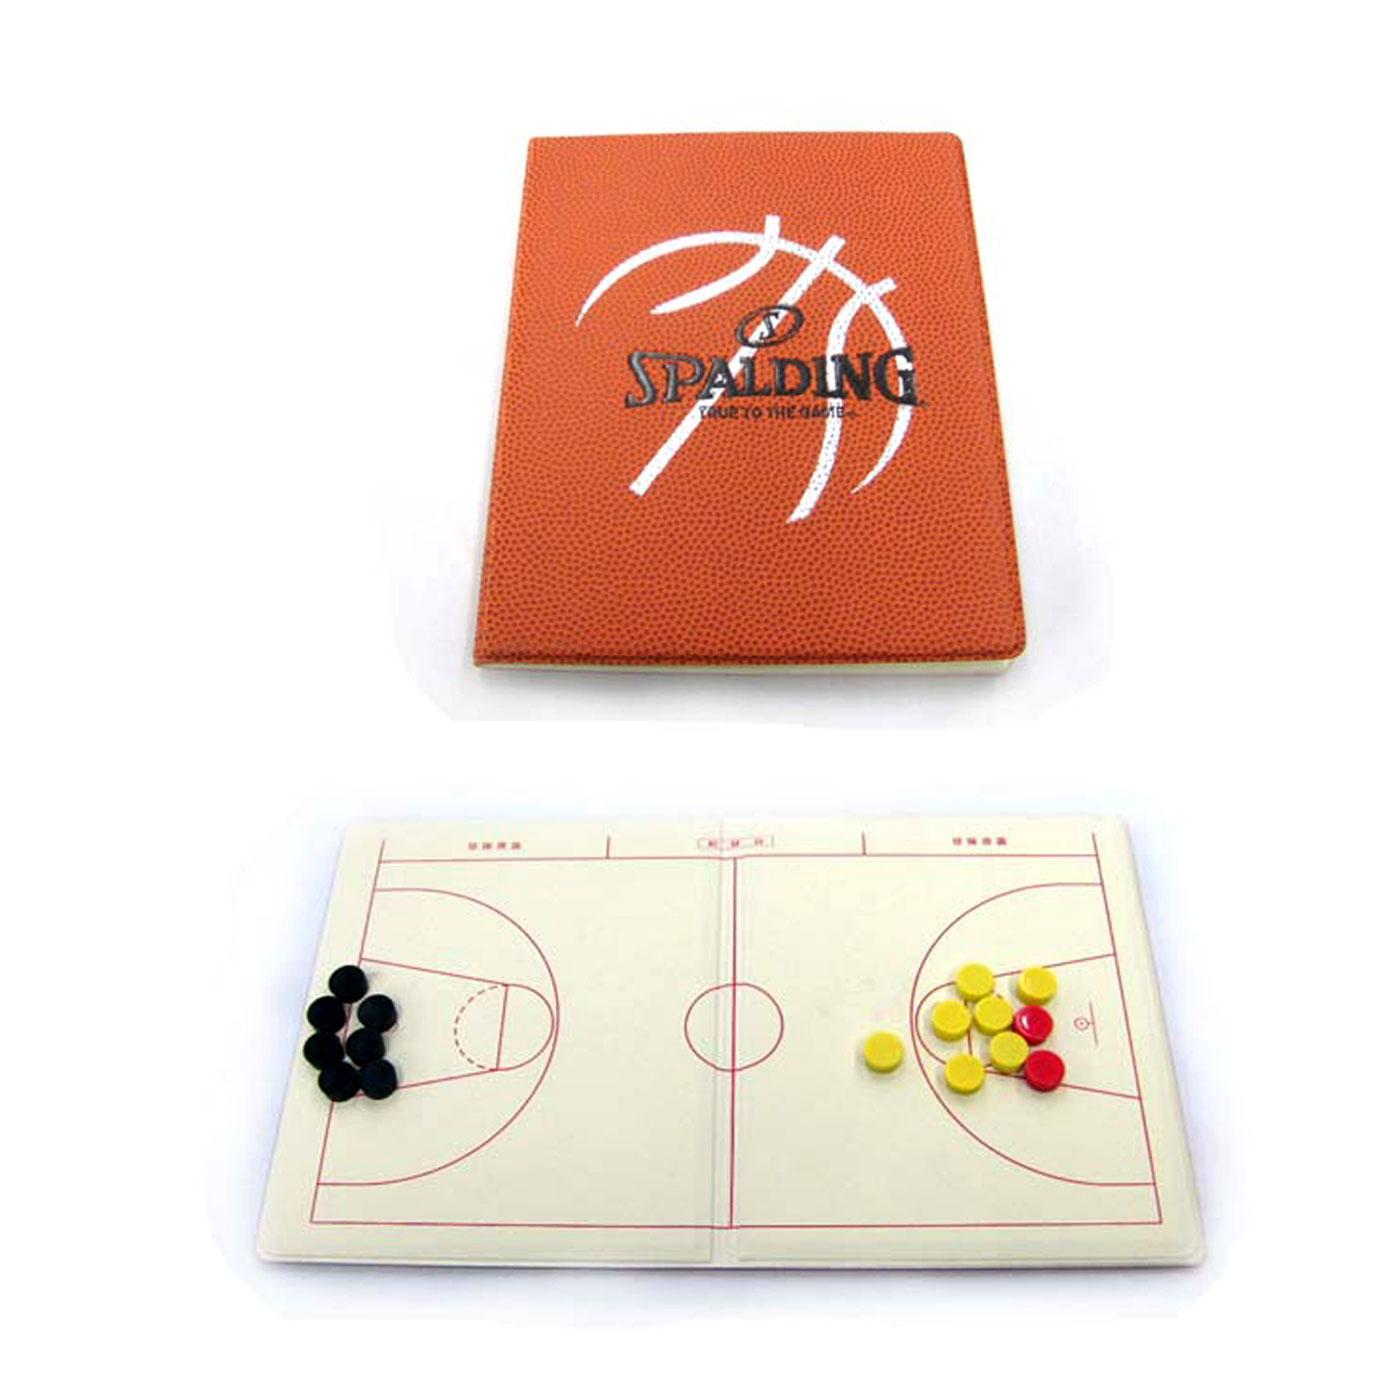 SPALDING 89-106 籃球皮戰術盤(斯伯丁 戰術板 教戰板 教練板【99301348】≡排汗專家≡